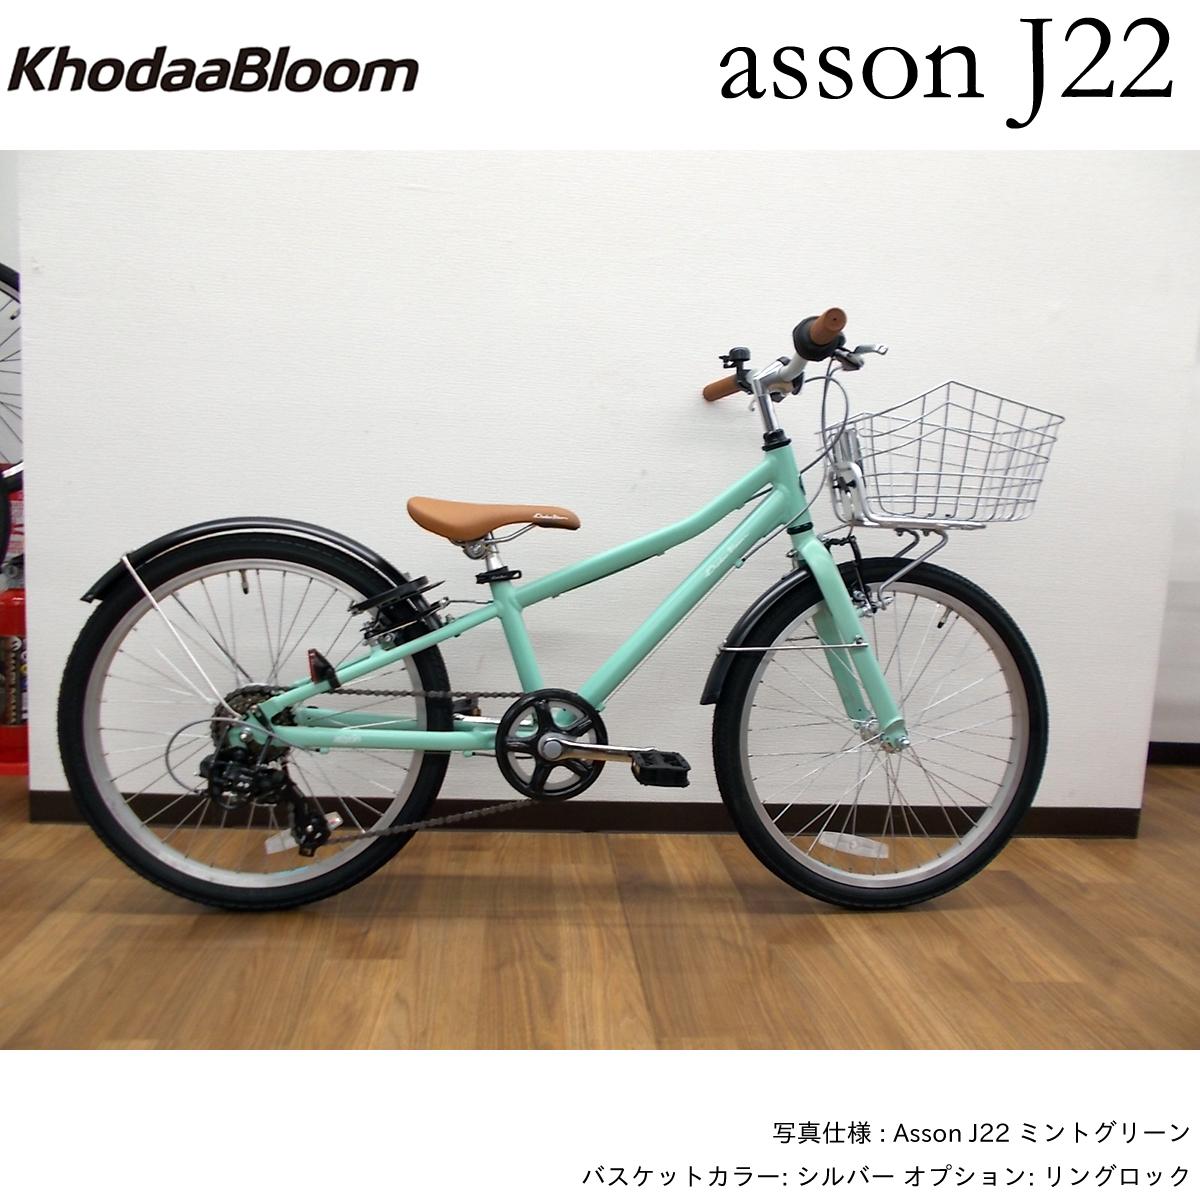 【前カゴ付き】コーダーブルーム アッソンJ22 [適正身長:120-140cm] 2020年 KhodaaBloom assonJ22